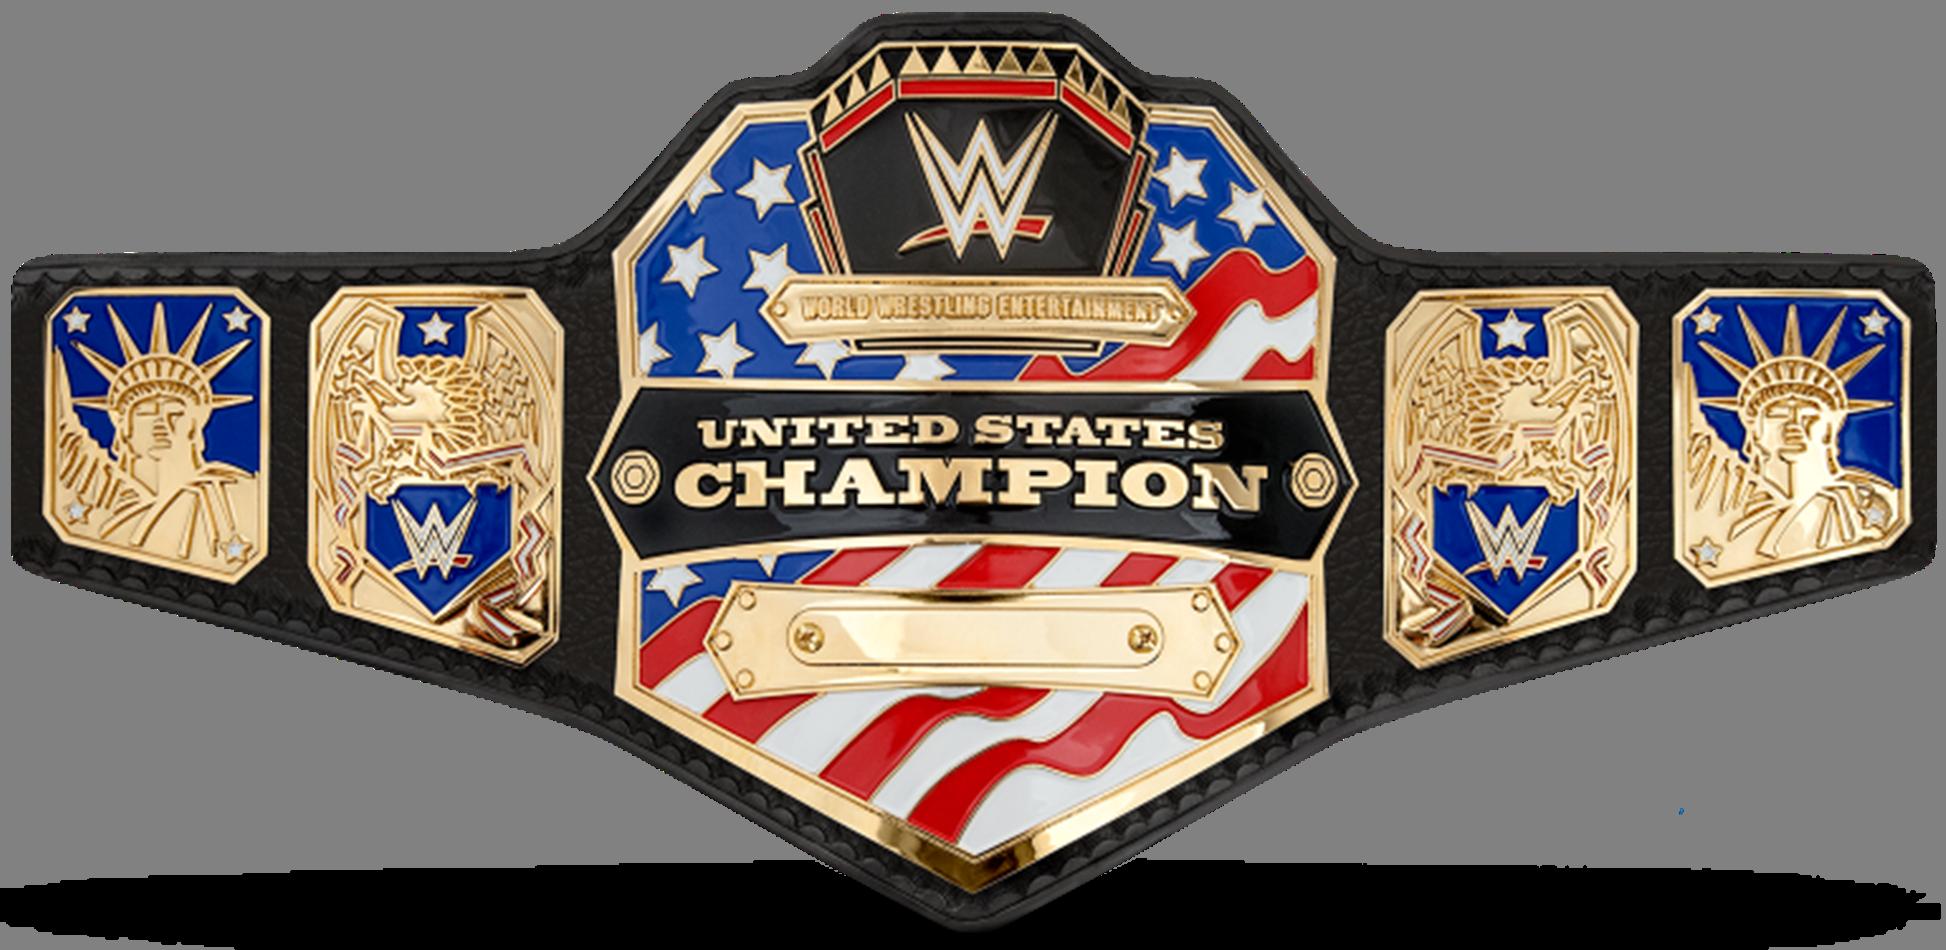 Стали известны подробности турнира за Чемпионство Соединённых Штатов WWE